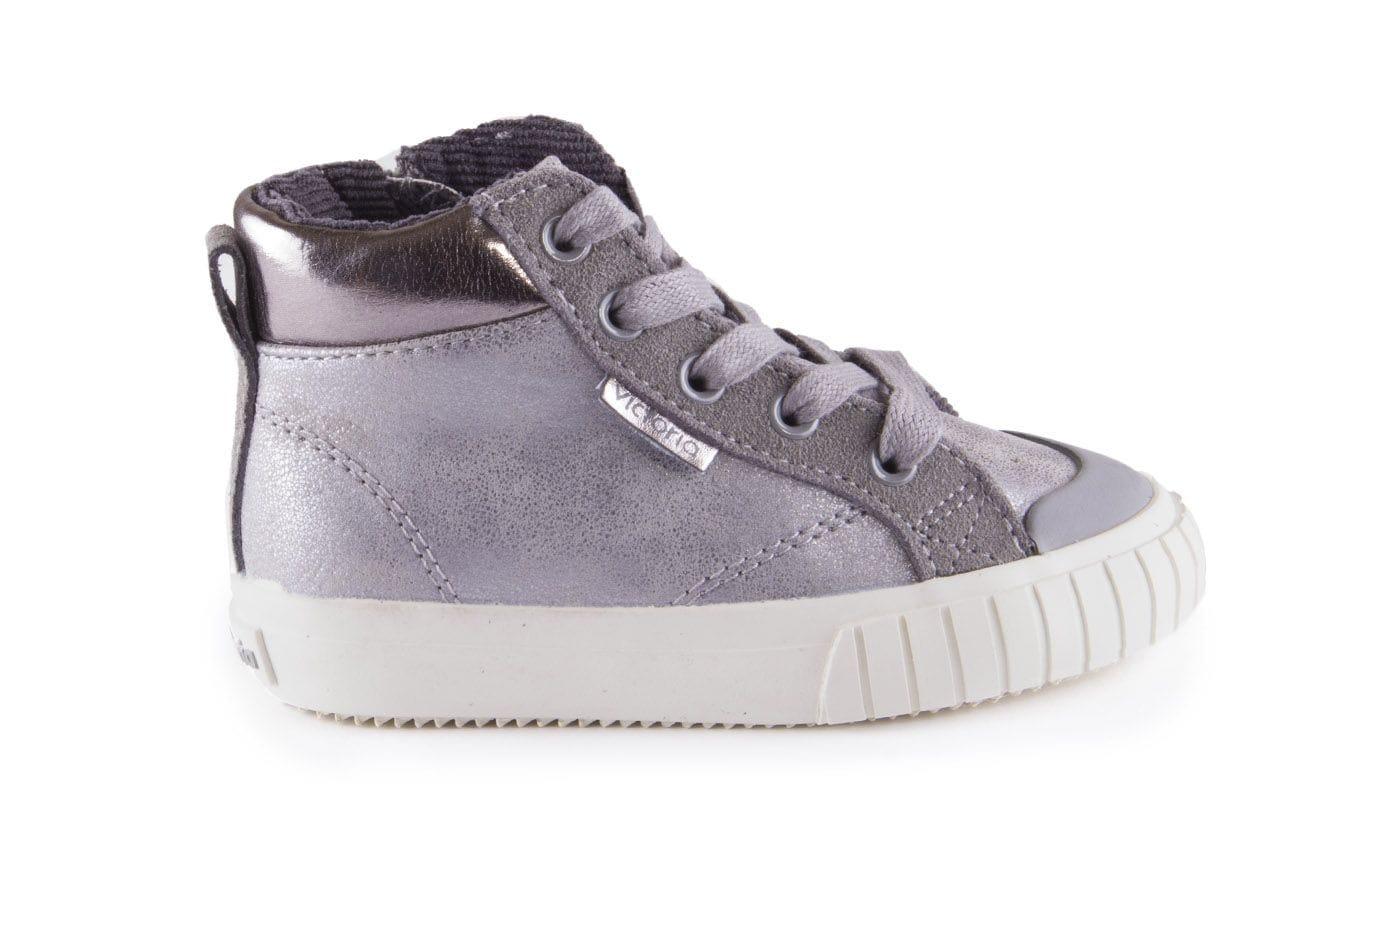 c9829a5ab Comprar zapato tipo JOVEN NIÑA estilo BOTAS COLOR PLATA METALIZADO ...